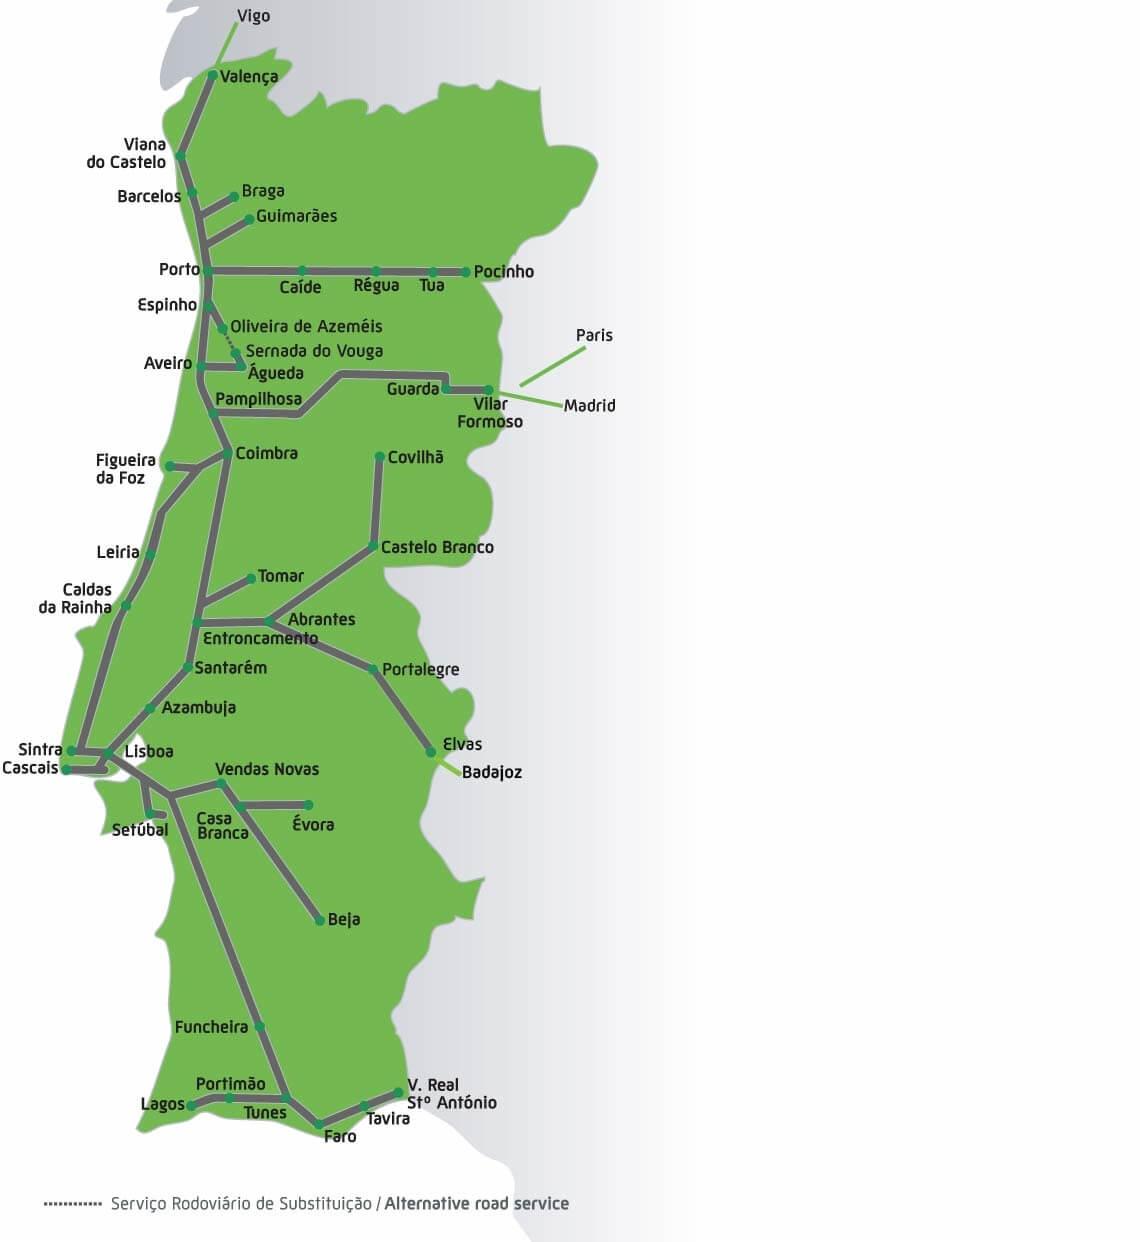 Malha completa de trens de acordo com o site oficial de transporte em Portugal